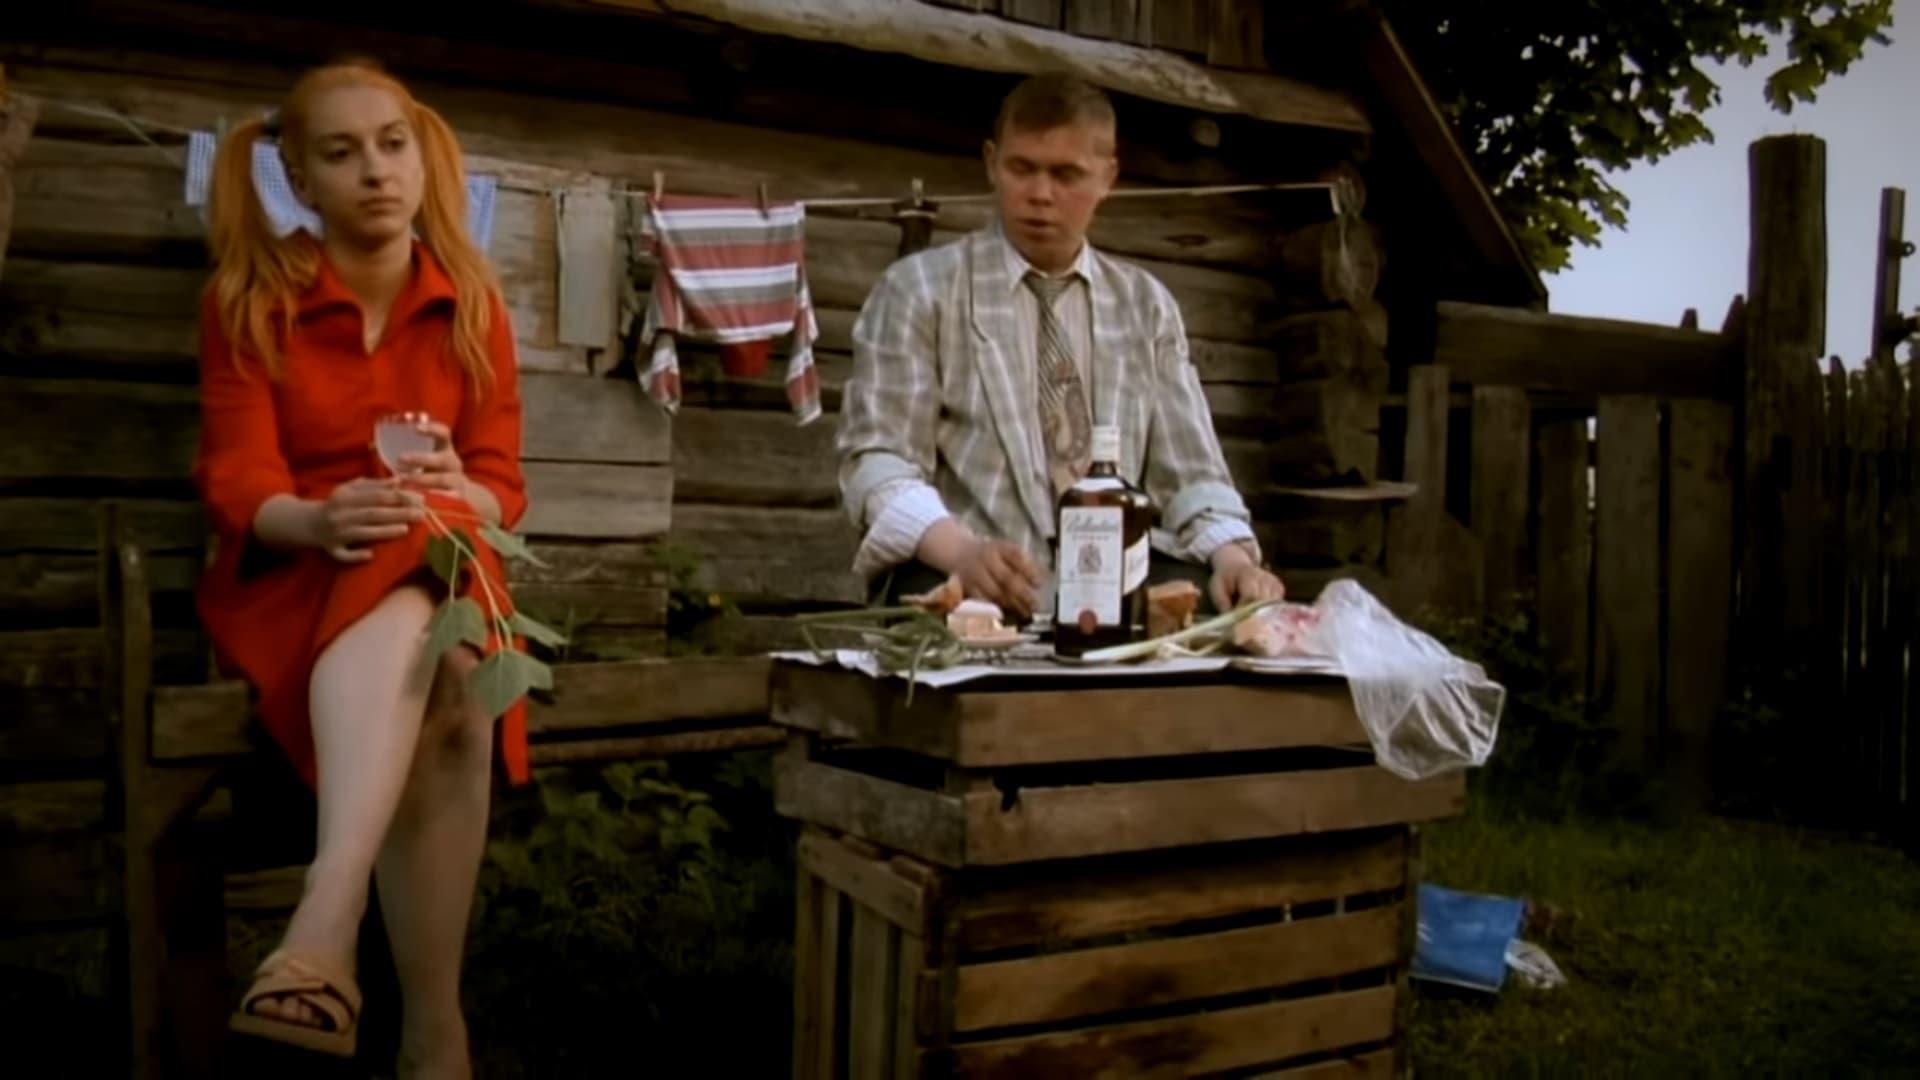 красавица русские сексуальные деревенские художественные фильмы про секс порно фотографии зрелых